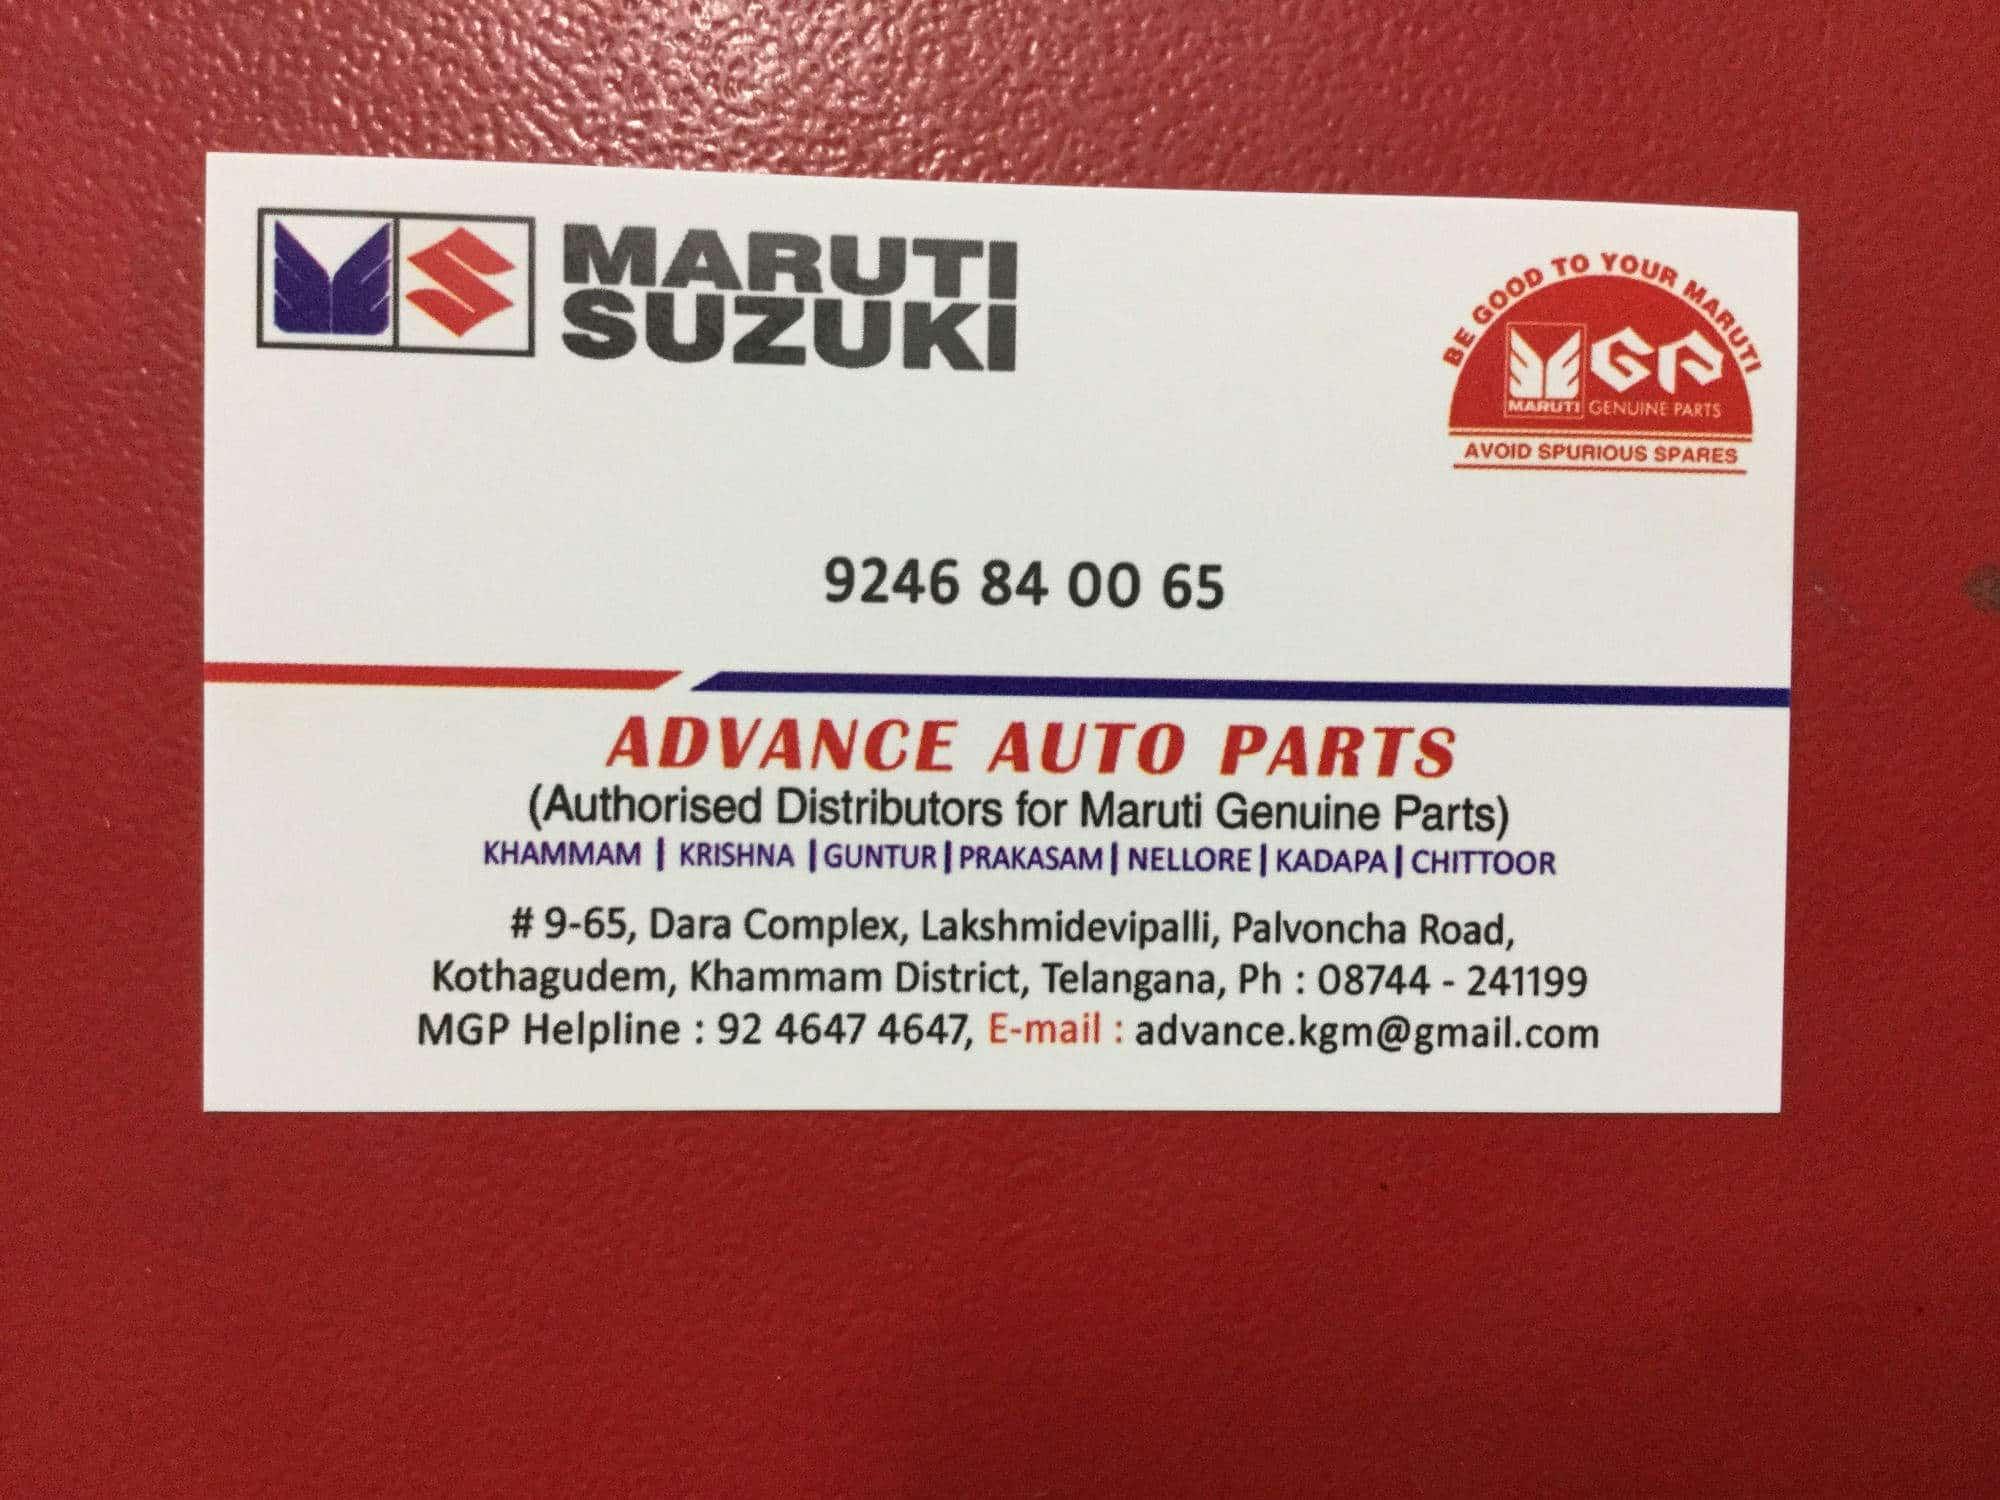 Advance Auto Parts Kothagudem Automobile Part Dealers In